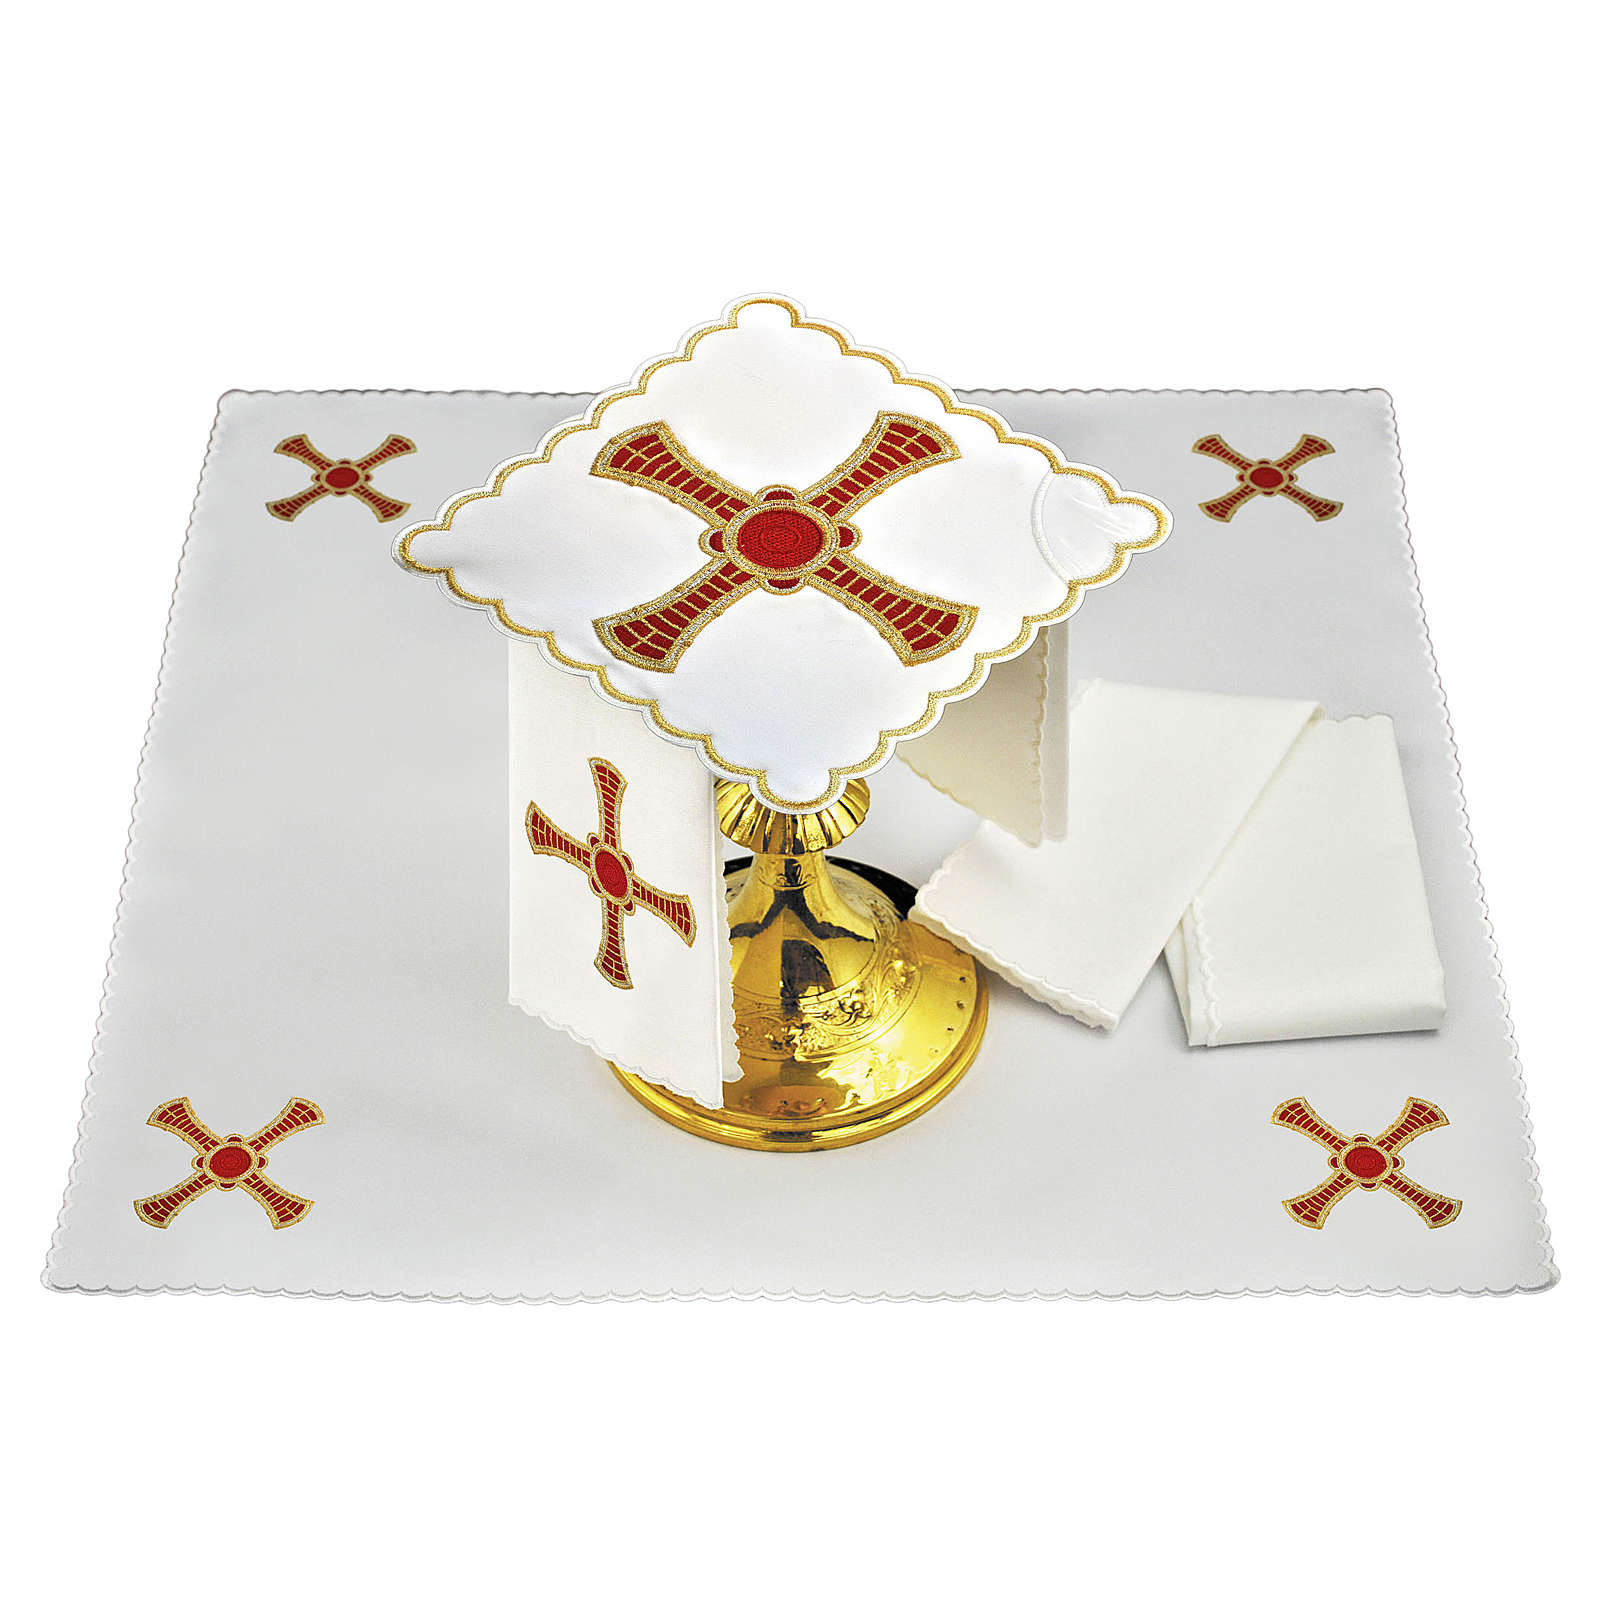 Servizio da altare lino croce rossa oro con righe 4